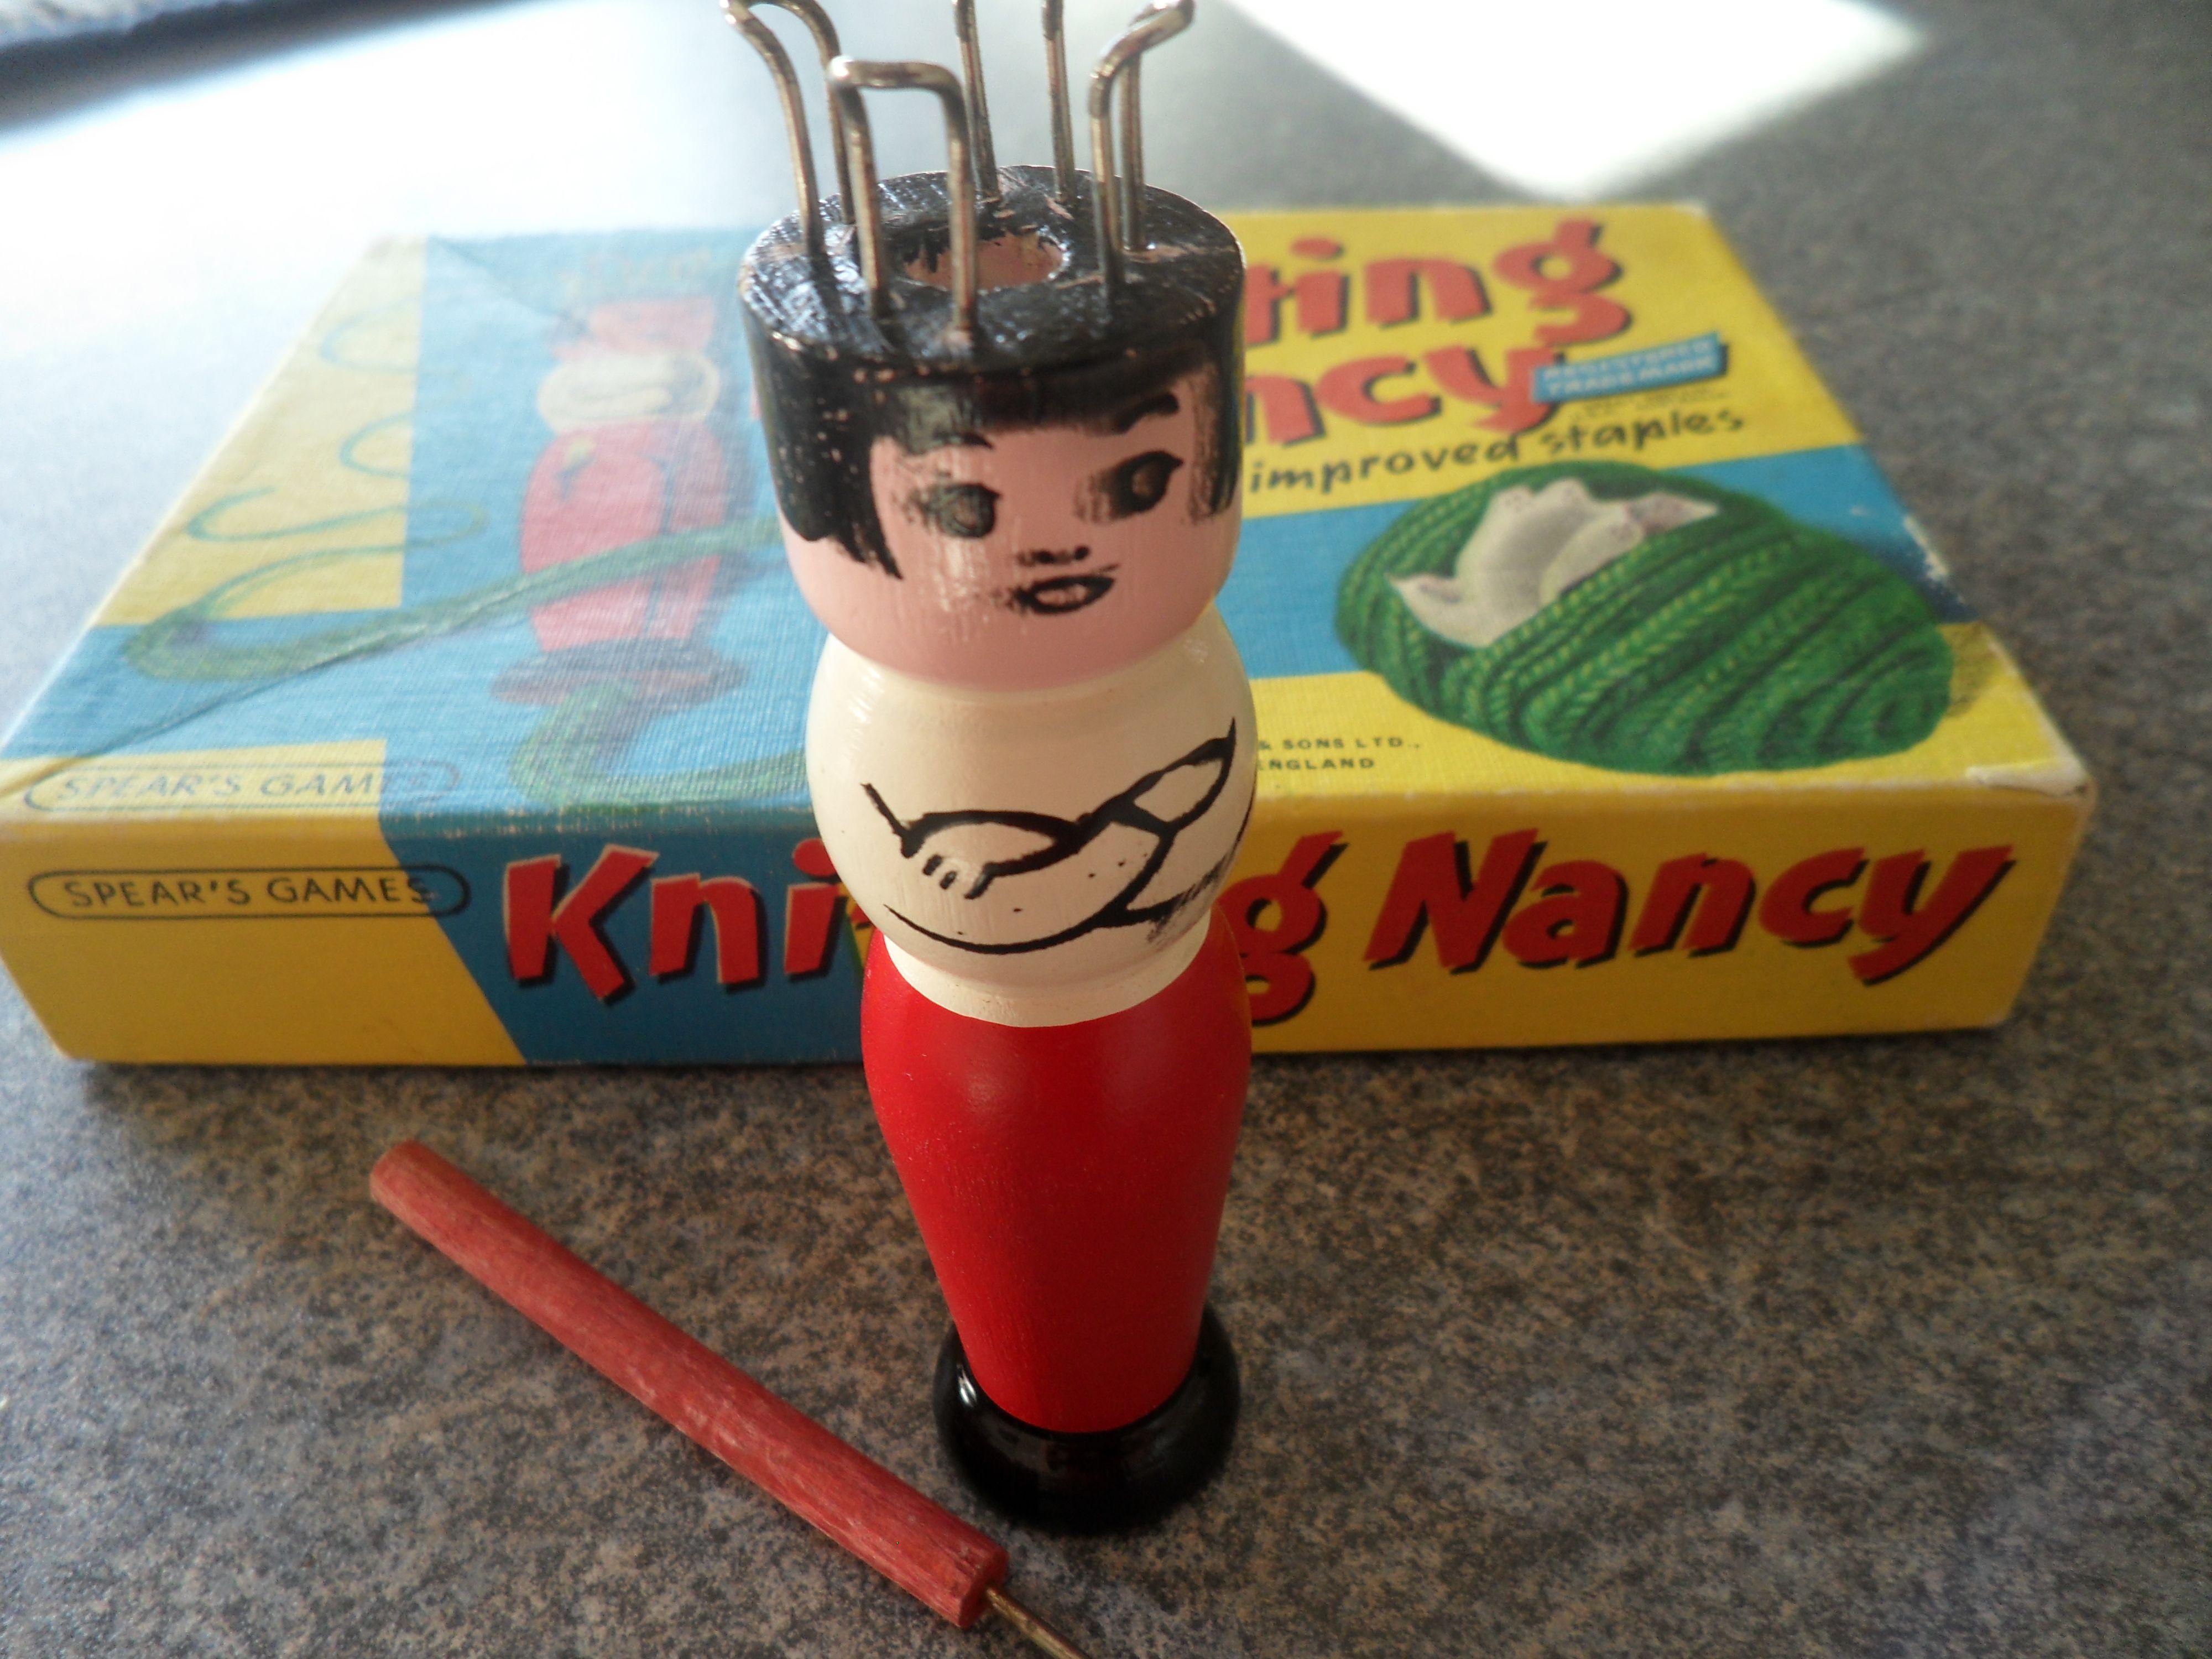 Knitting Nancy Doll : Knitting nancy ideas for kaitlin pinterest